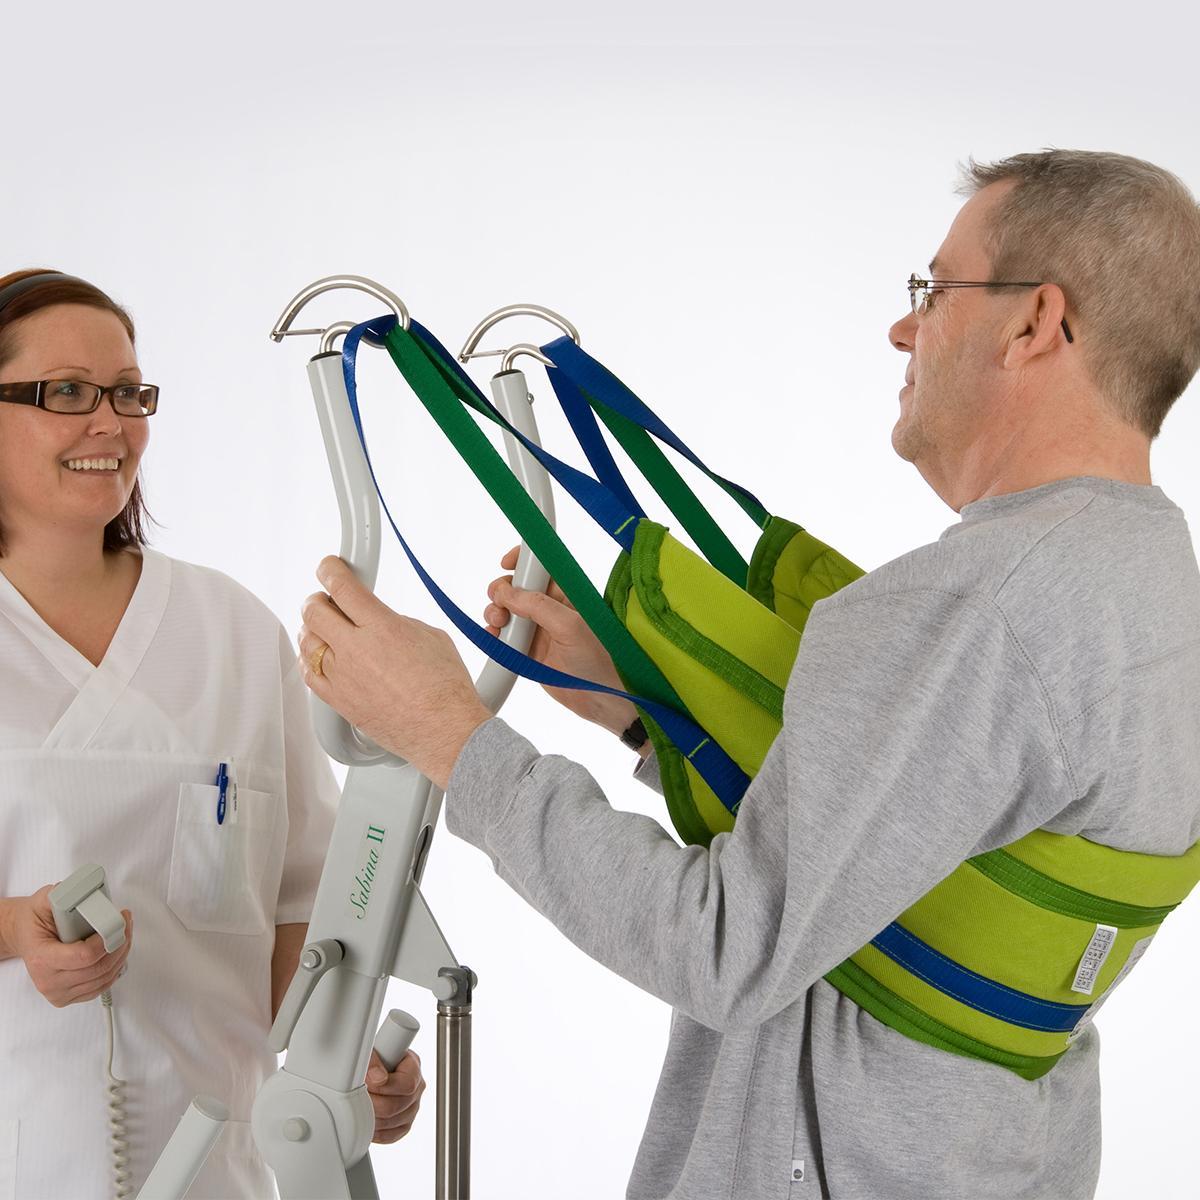 Une clinicienne aide un patient à se tenir debout à l'aide d'un dispositif d'aide au levage Solo SupportVest.